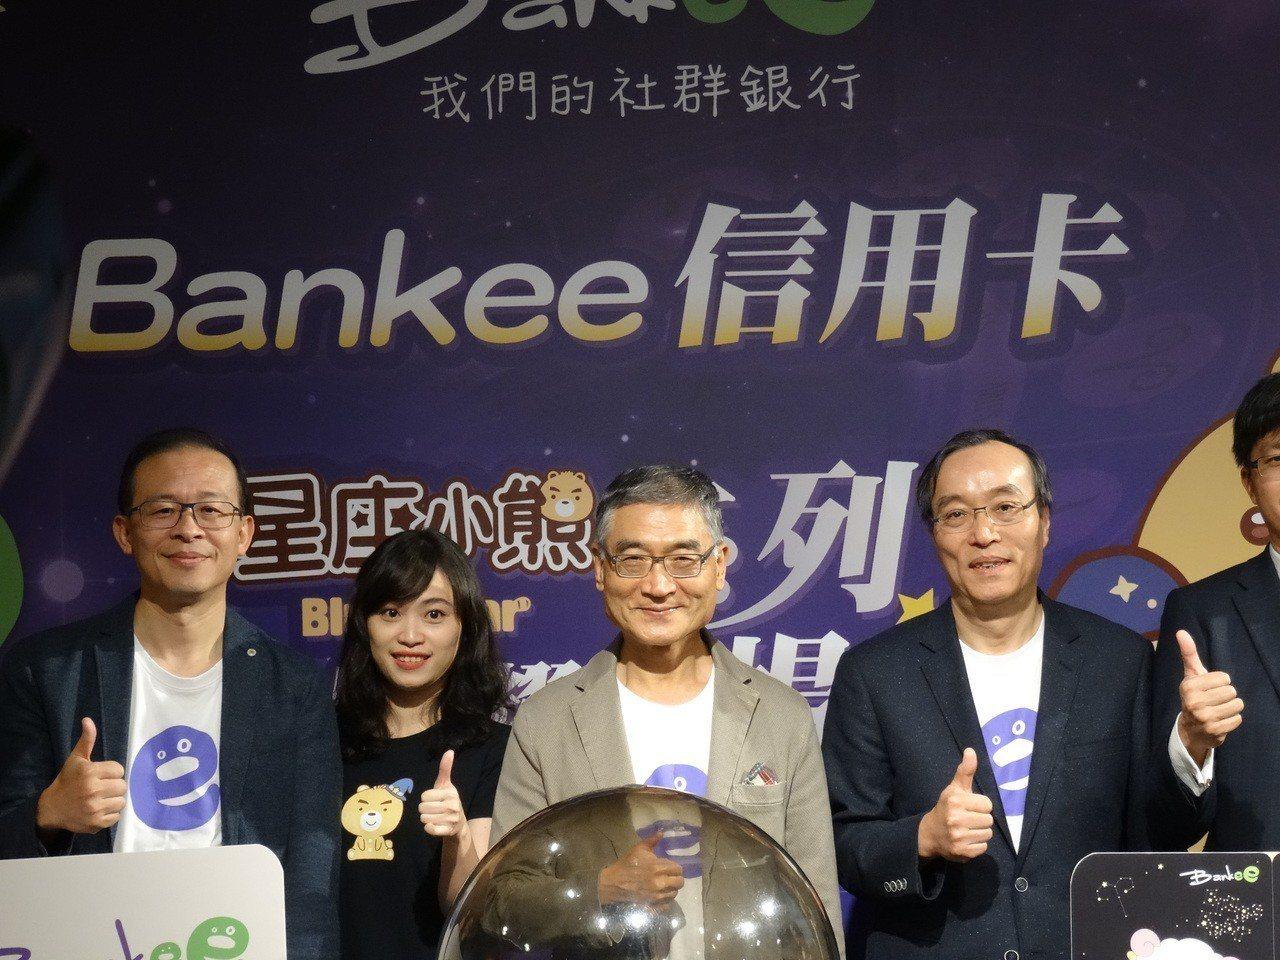 遠東銀行Bankee社群銀行推出星座小熊信用卡,總經理周添財(中立著淺色外套者)...